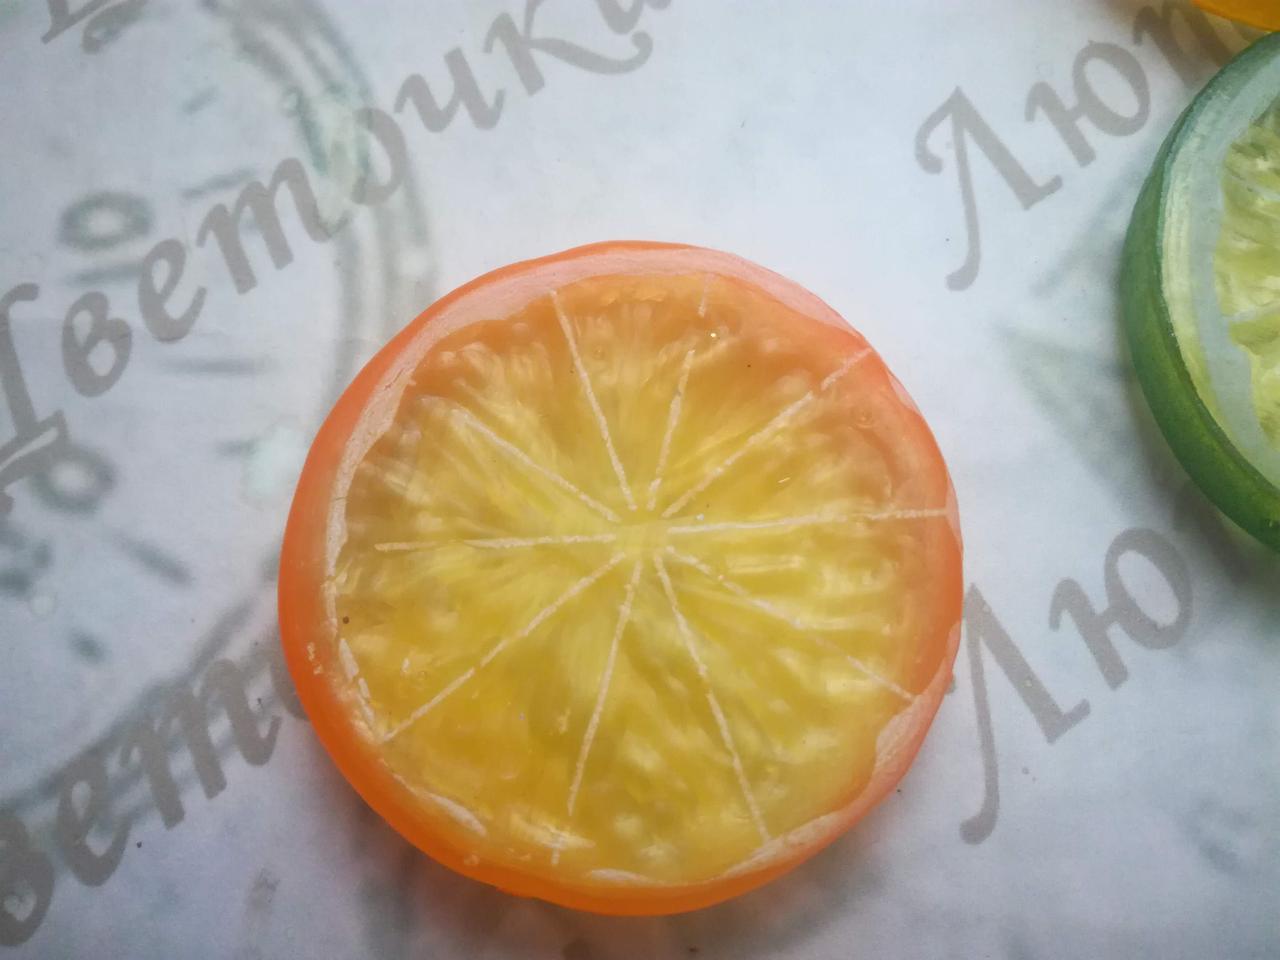 Долька апельсина для новогоднего декора